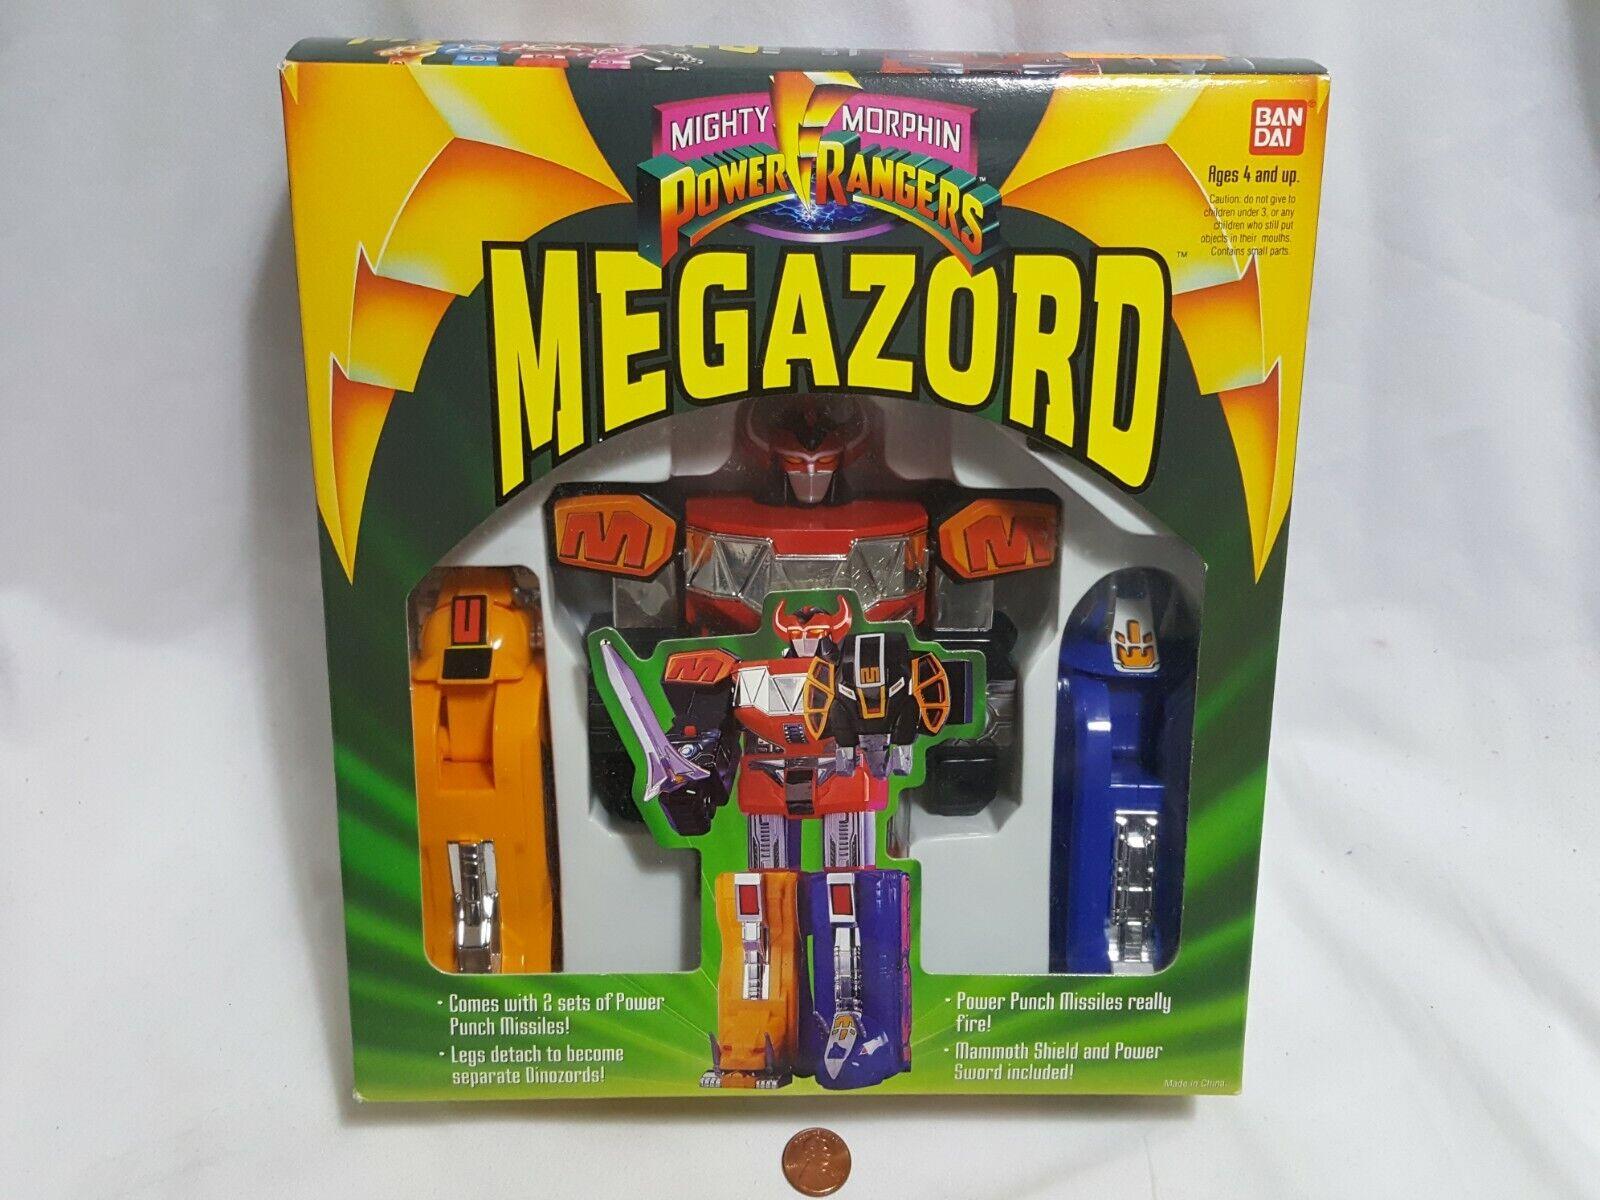 Nuevo paquete (con desgaste) Power Rangers Megazord Figura Sellada 1993 Mega Zord MMPR